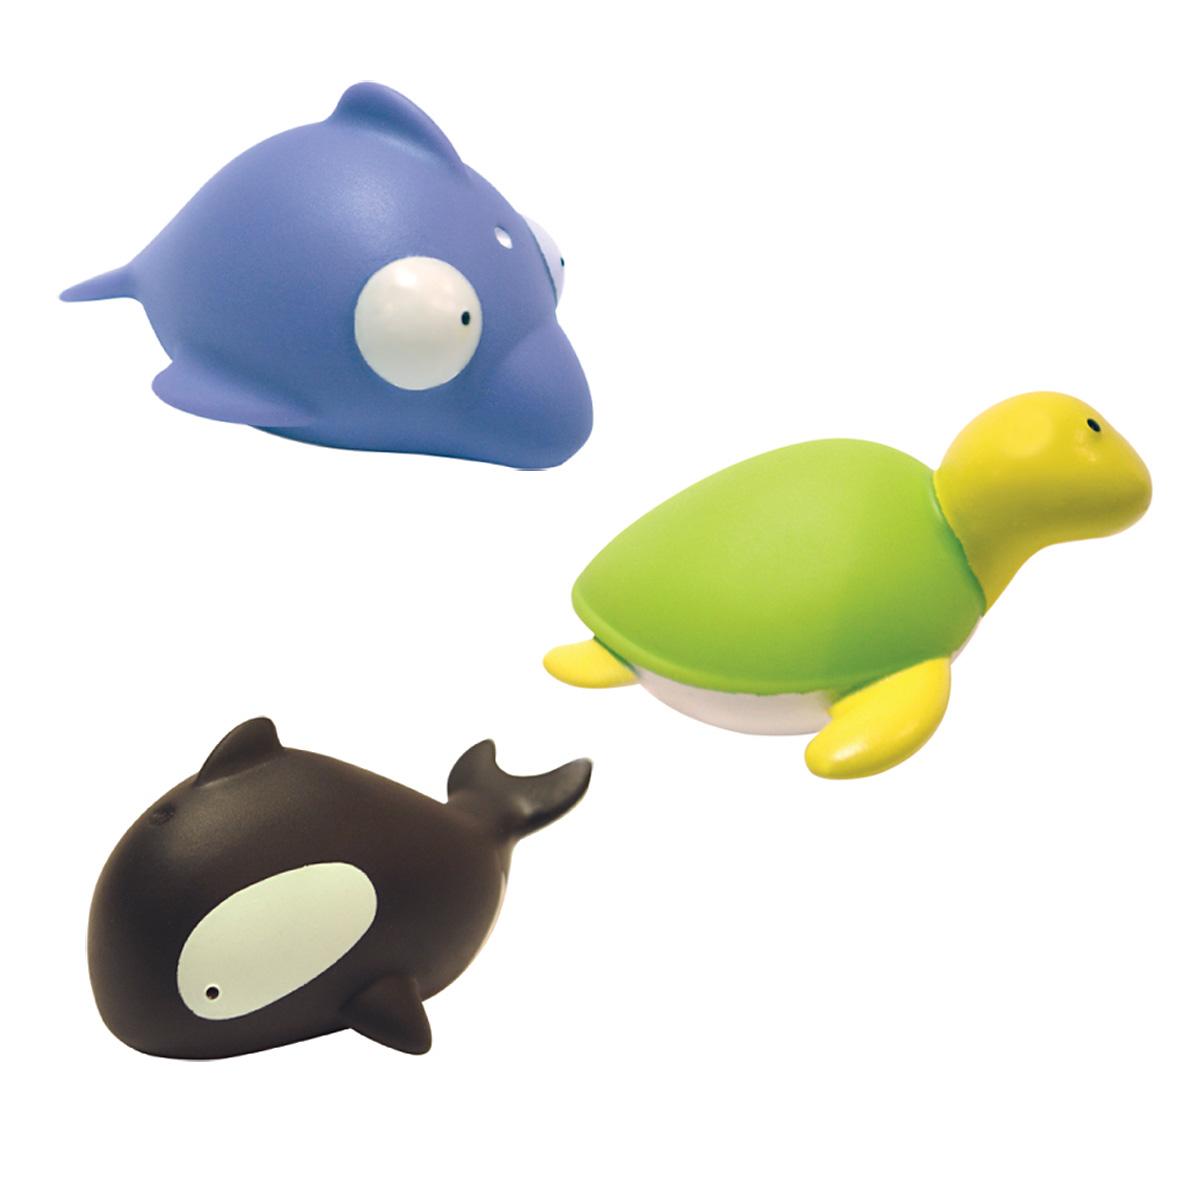 Mara Baby Набор игрушек для ванной Жители моря 3 шт24001С набором игрушек для ванной Mara Baby Жители моря принимать водные процедуры станет еще веселее и приятнее. В набор входят три игрушки - дельфин, черепаха и касатка. Игрушки могут брызгать водой. Набор доставит ребенку большое удовольствие и поможет преодолеть страх перед купанием. Игрушки для ванной способствуют развитию воображения, цветового восприятия, тактильных ощущений и мелкой моторики рук.